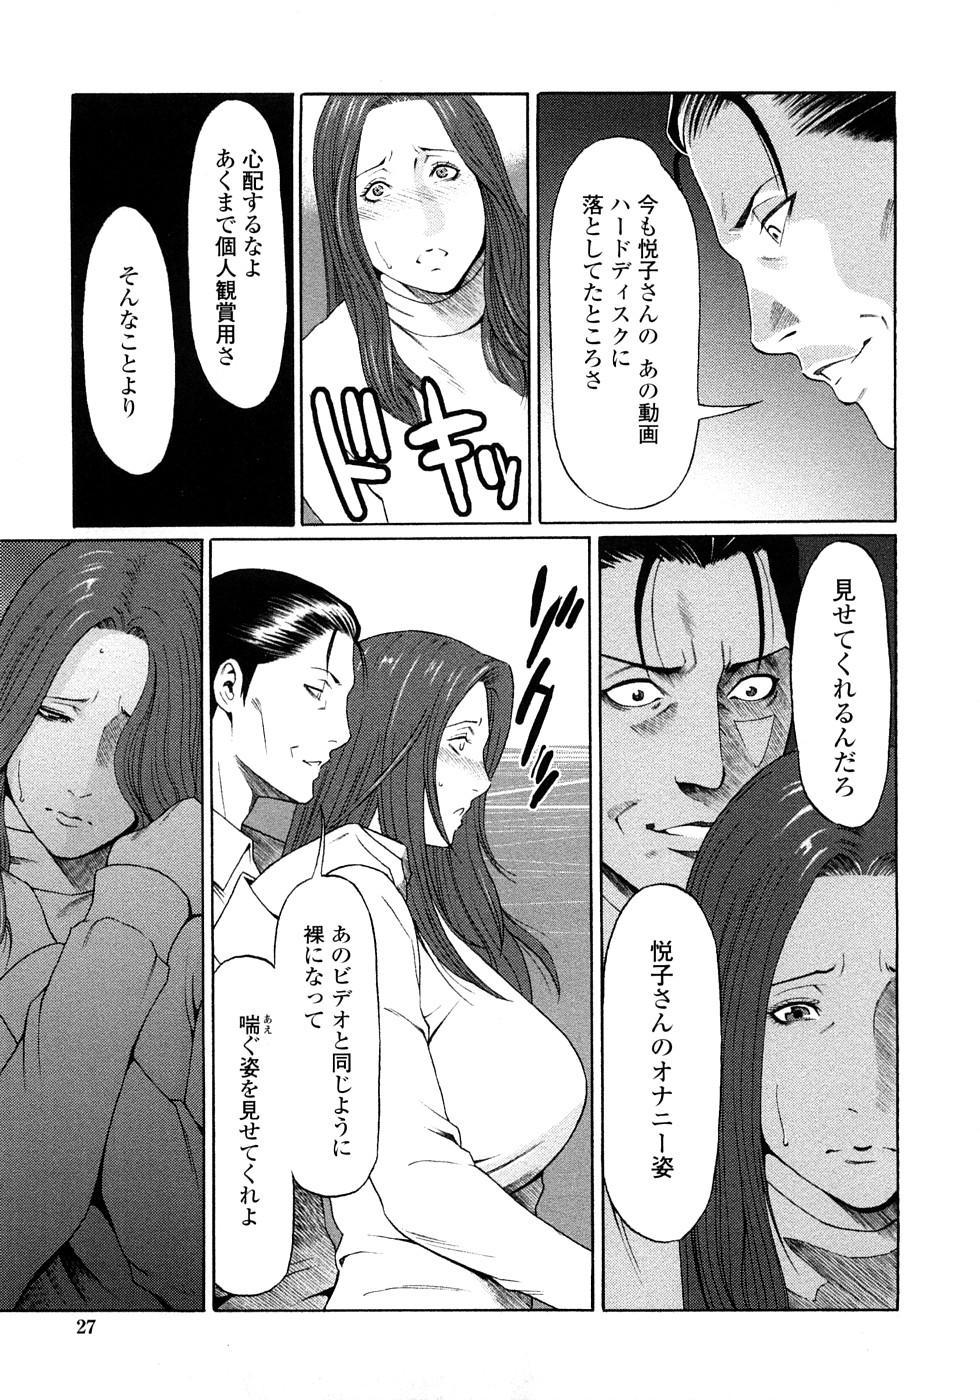 Etsuraku no Tobira - The Door of Sexual Pleasure 25